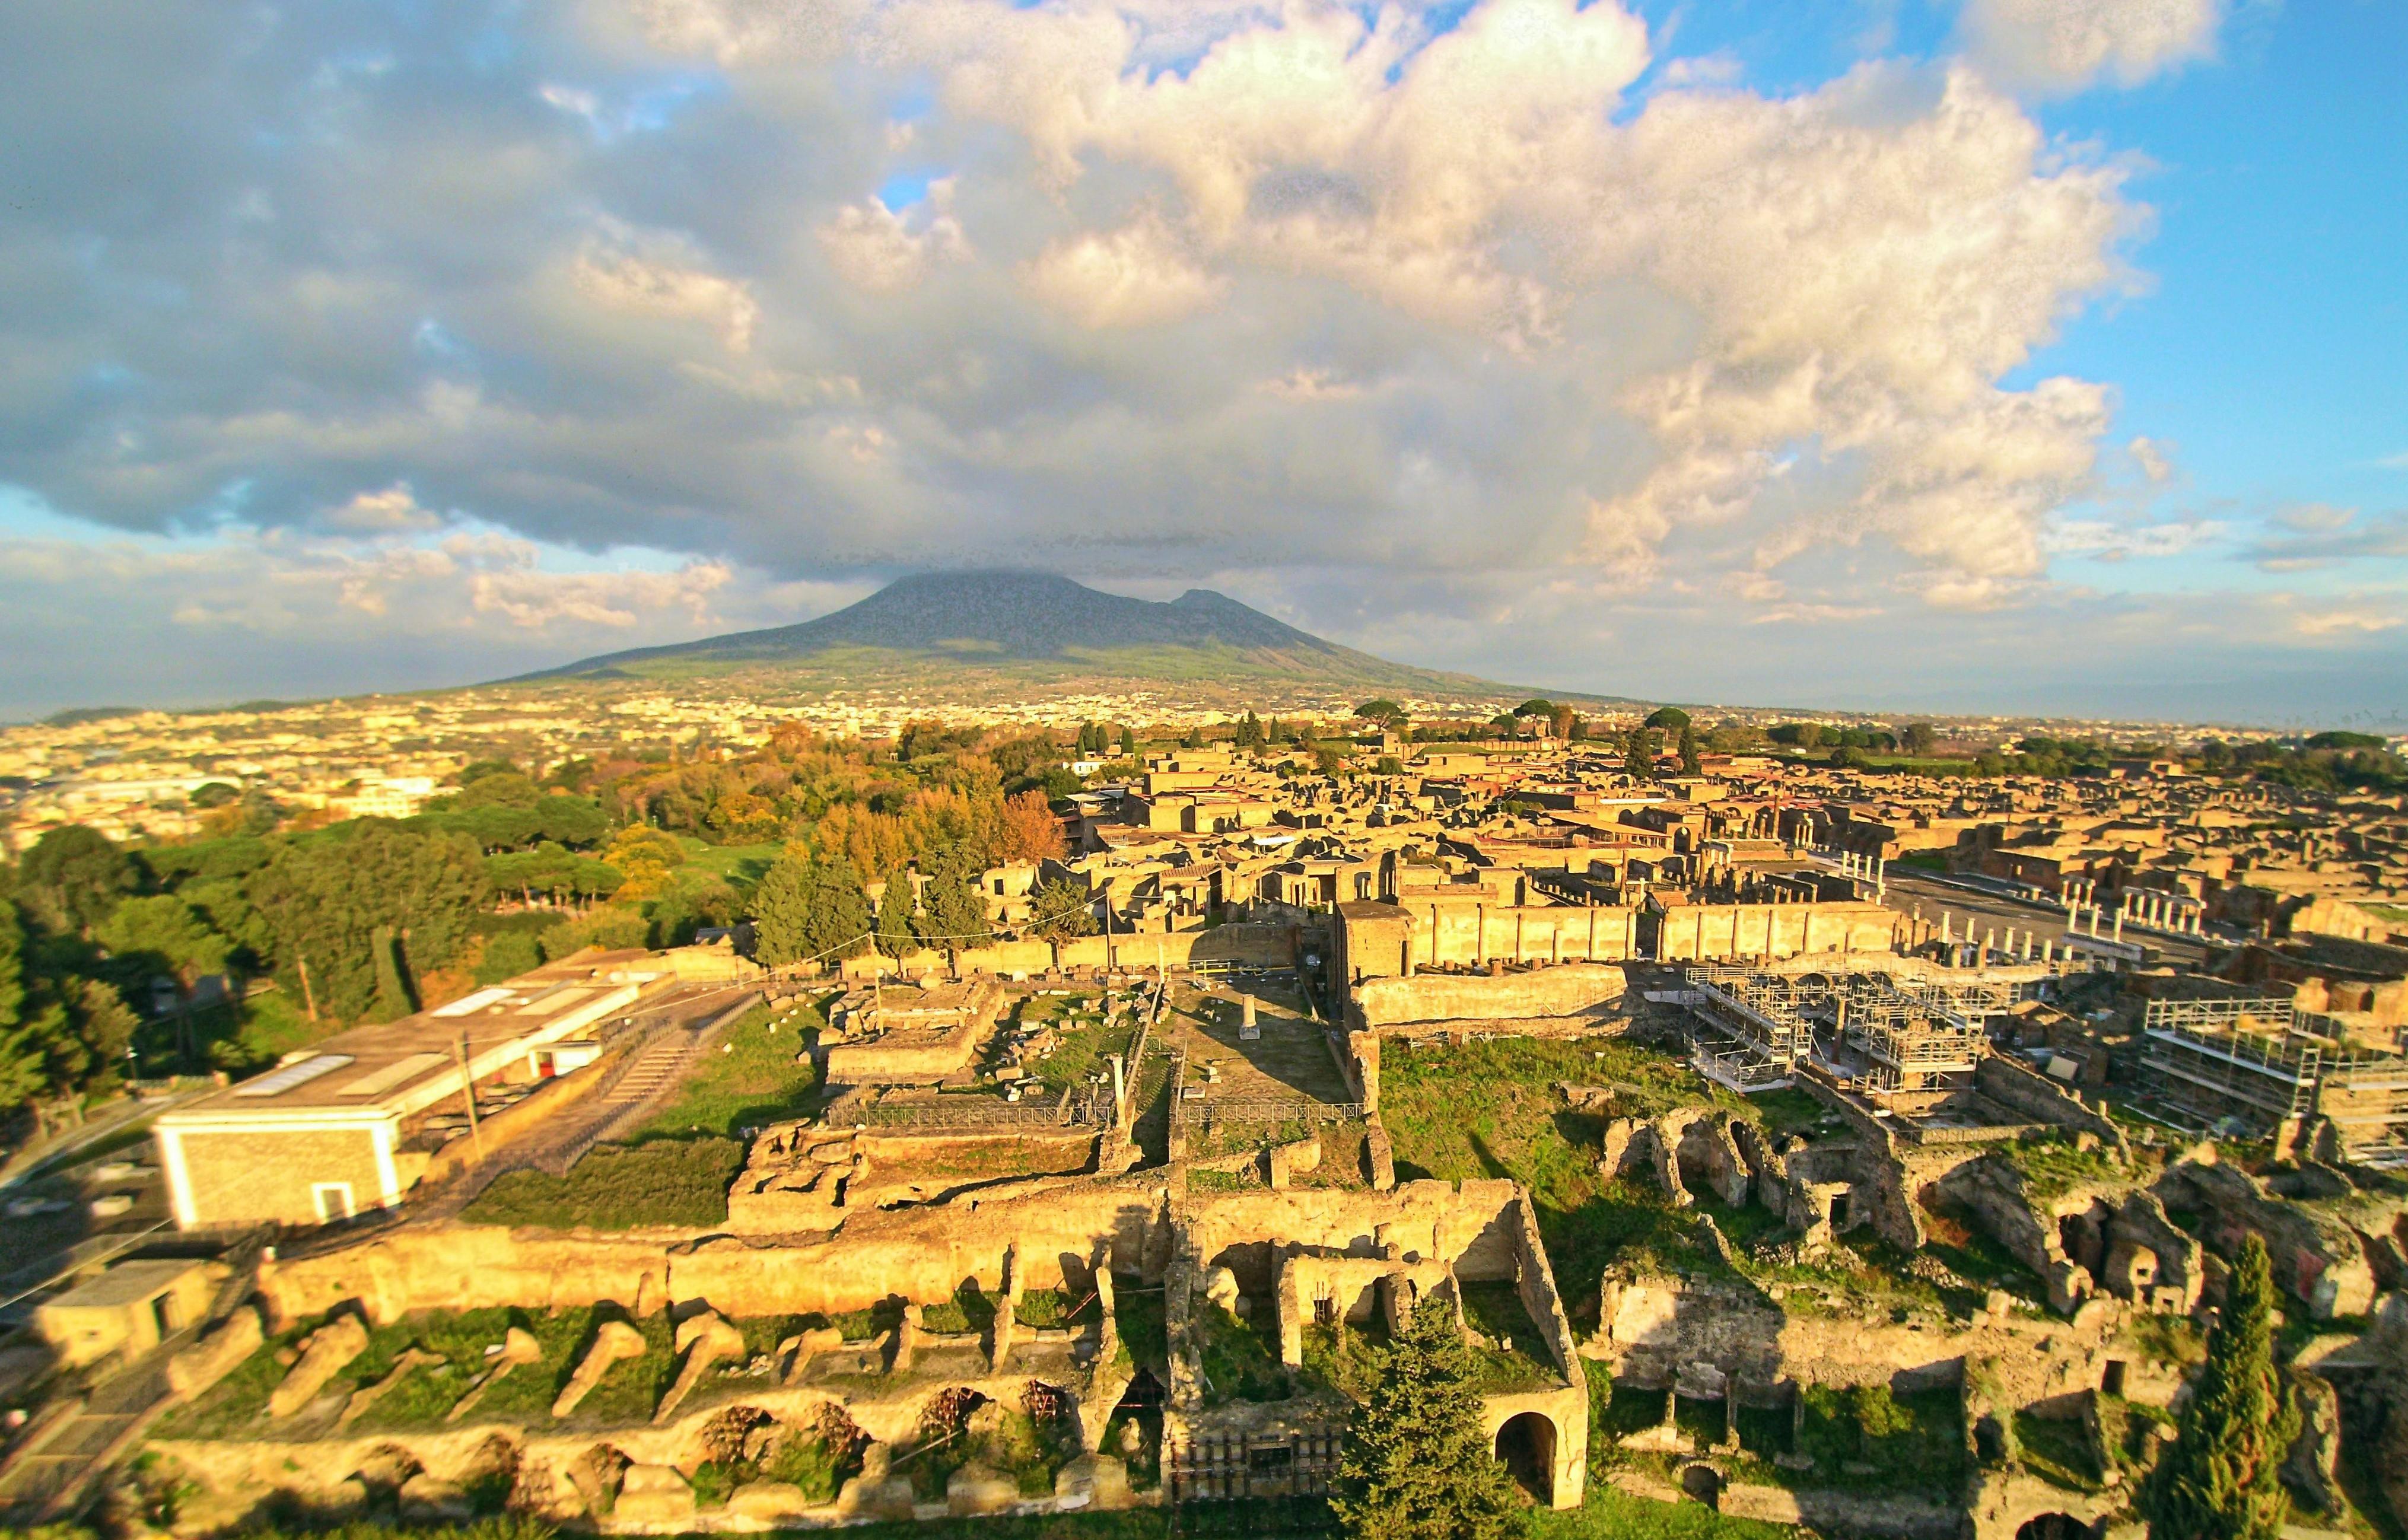 Pompeii Facts Worksheets Description Amp History For Kids